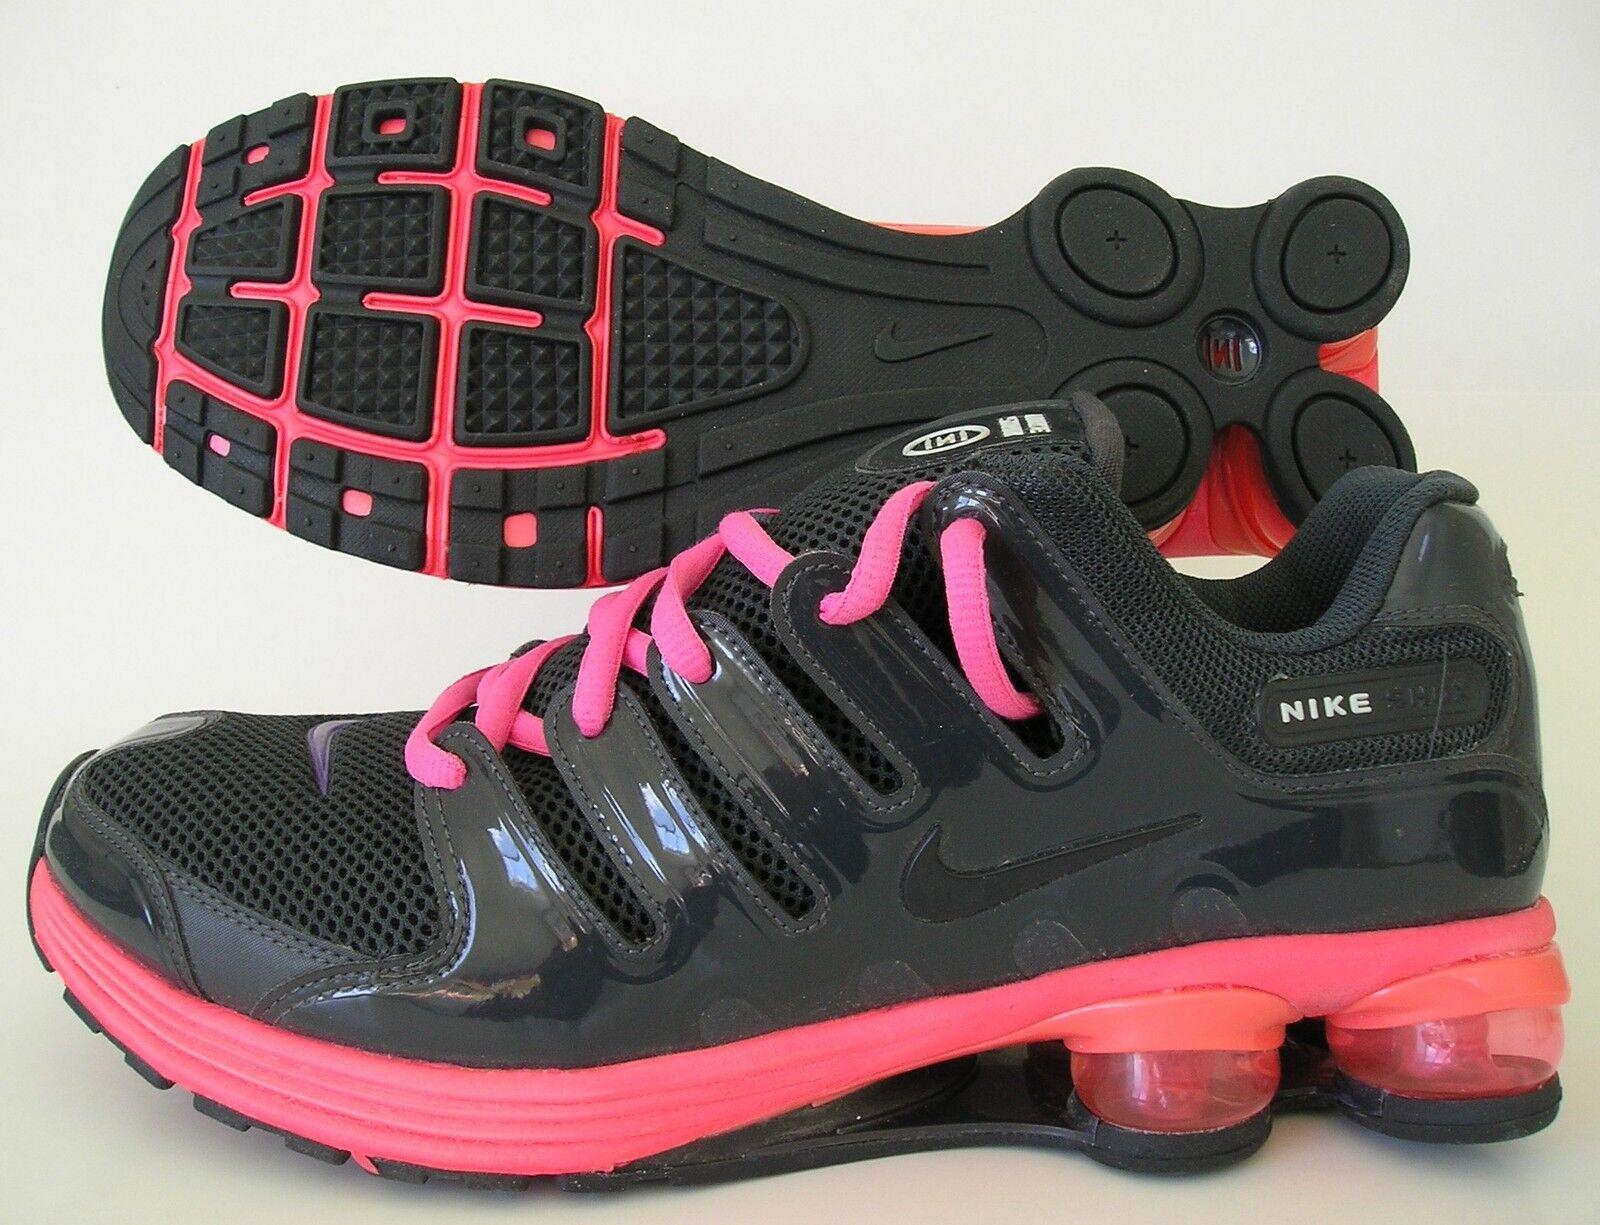 NewNike SHOX AIR LUNAR NZ running gym 360 Workout tennis Trainer shoesMen sz 11